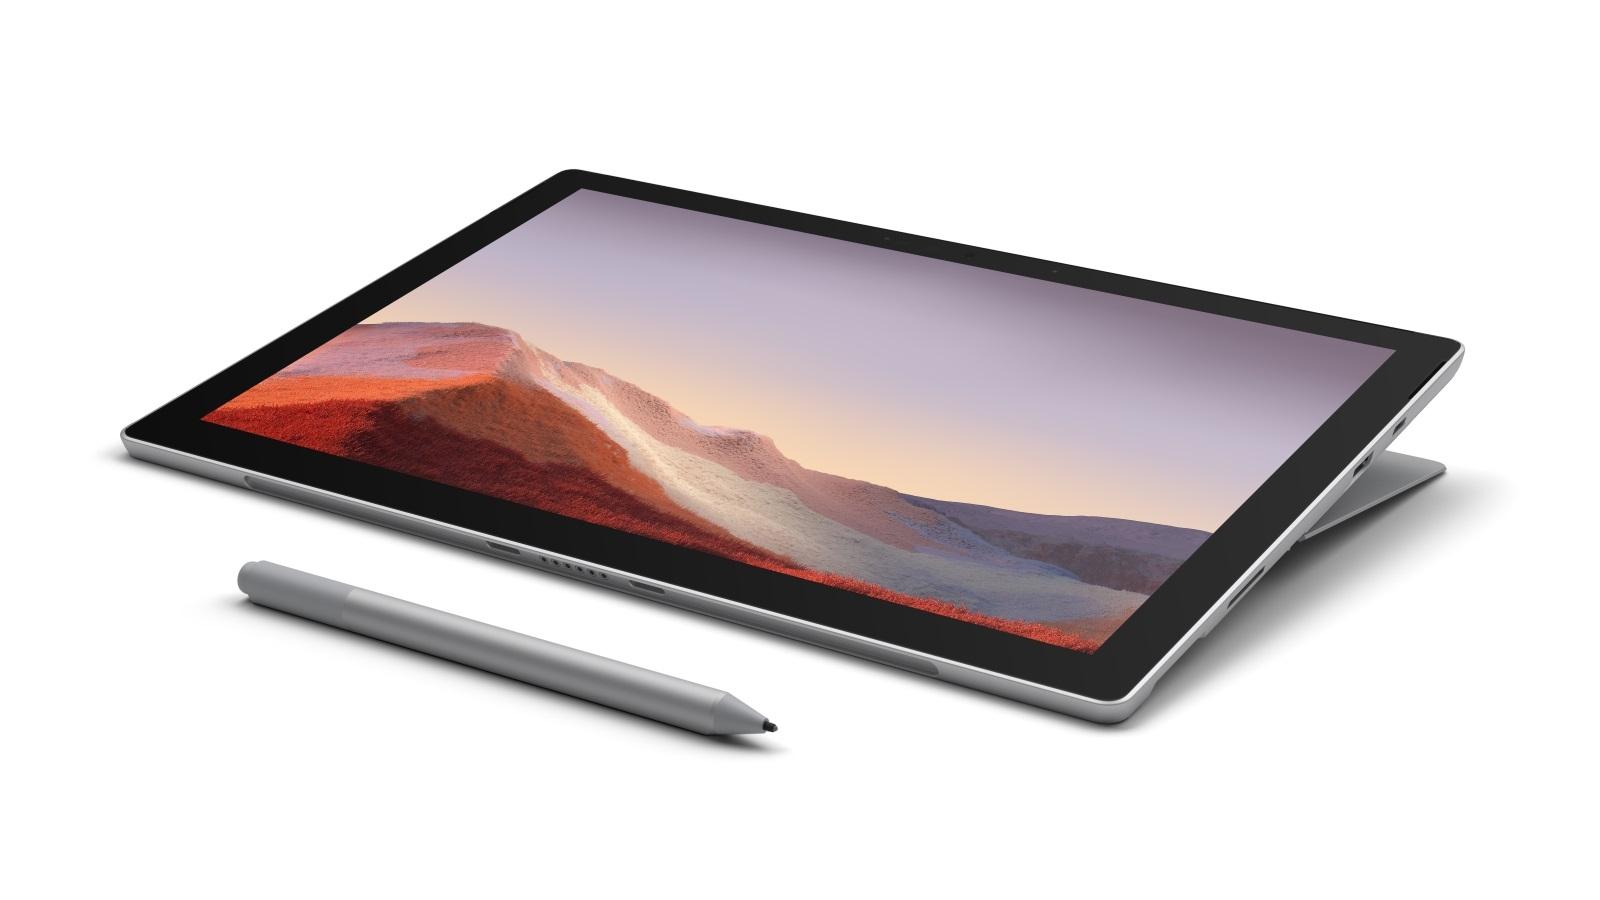 Tablete Dönüştürülebilen Dokunmatik Ekranlı Notebook'lar